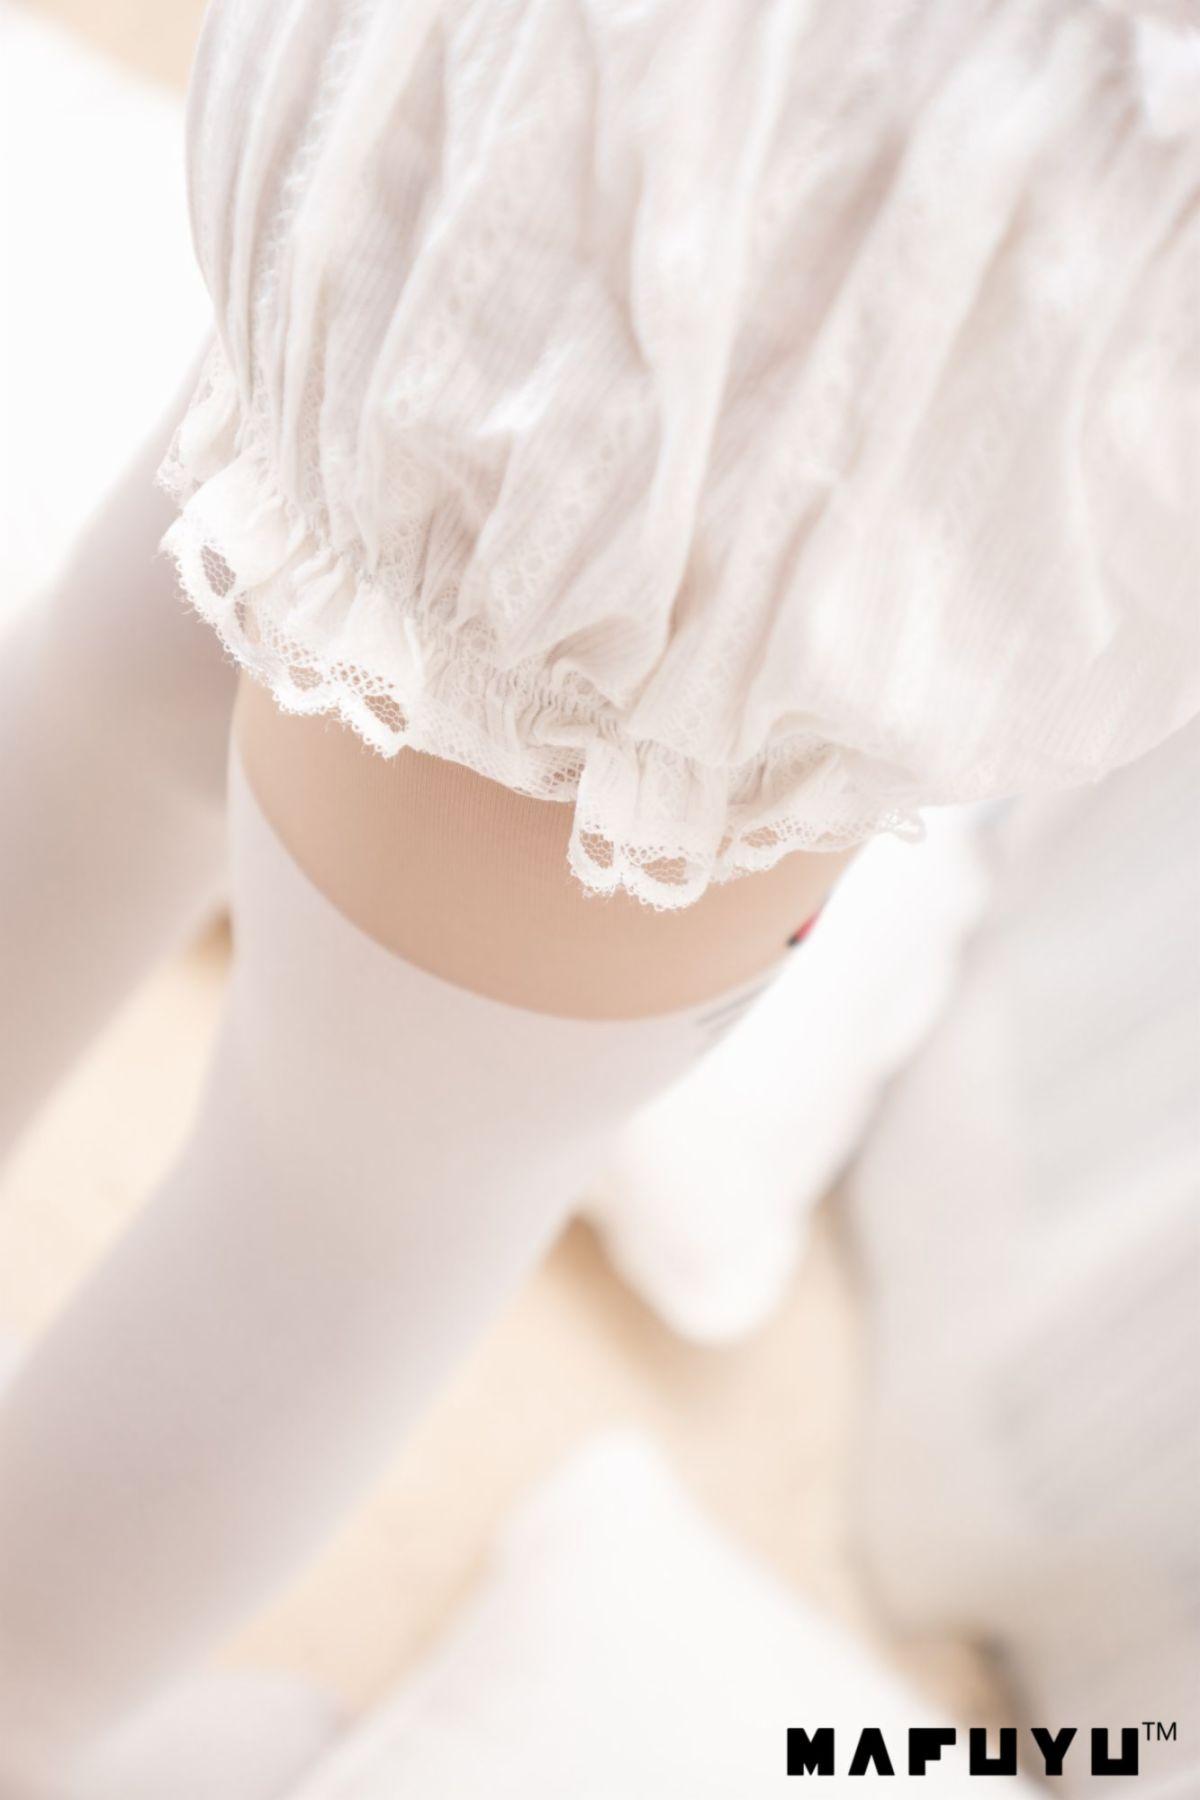 【领域少女】白丝袜女孩被挠痒痒2018-05-25